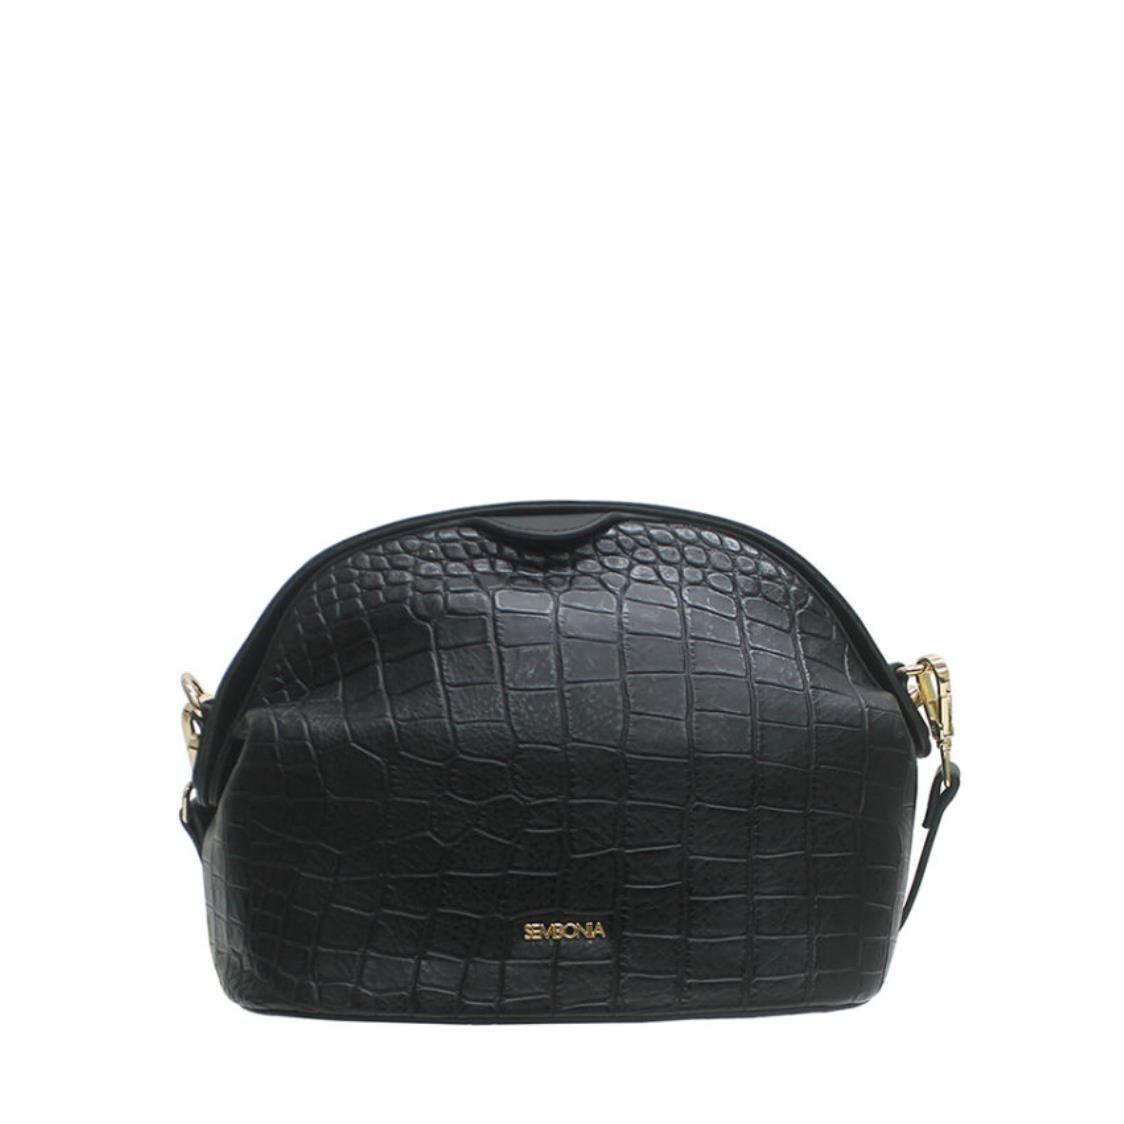 Sembonia Croc-Embossed Crossbody Bag Black 63252-001-08